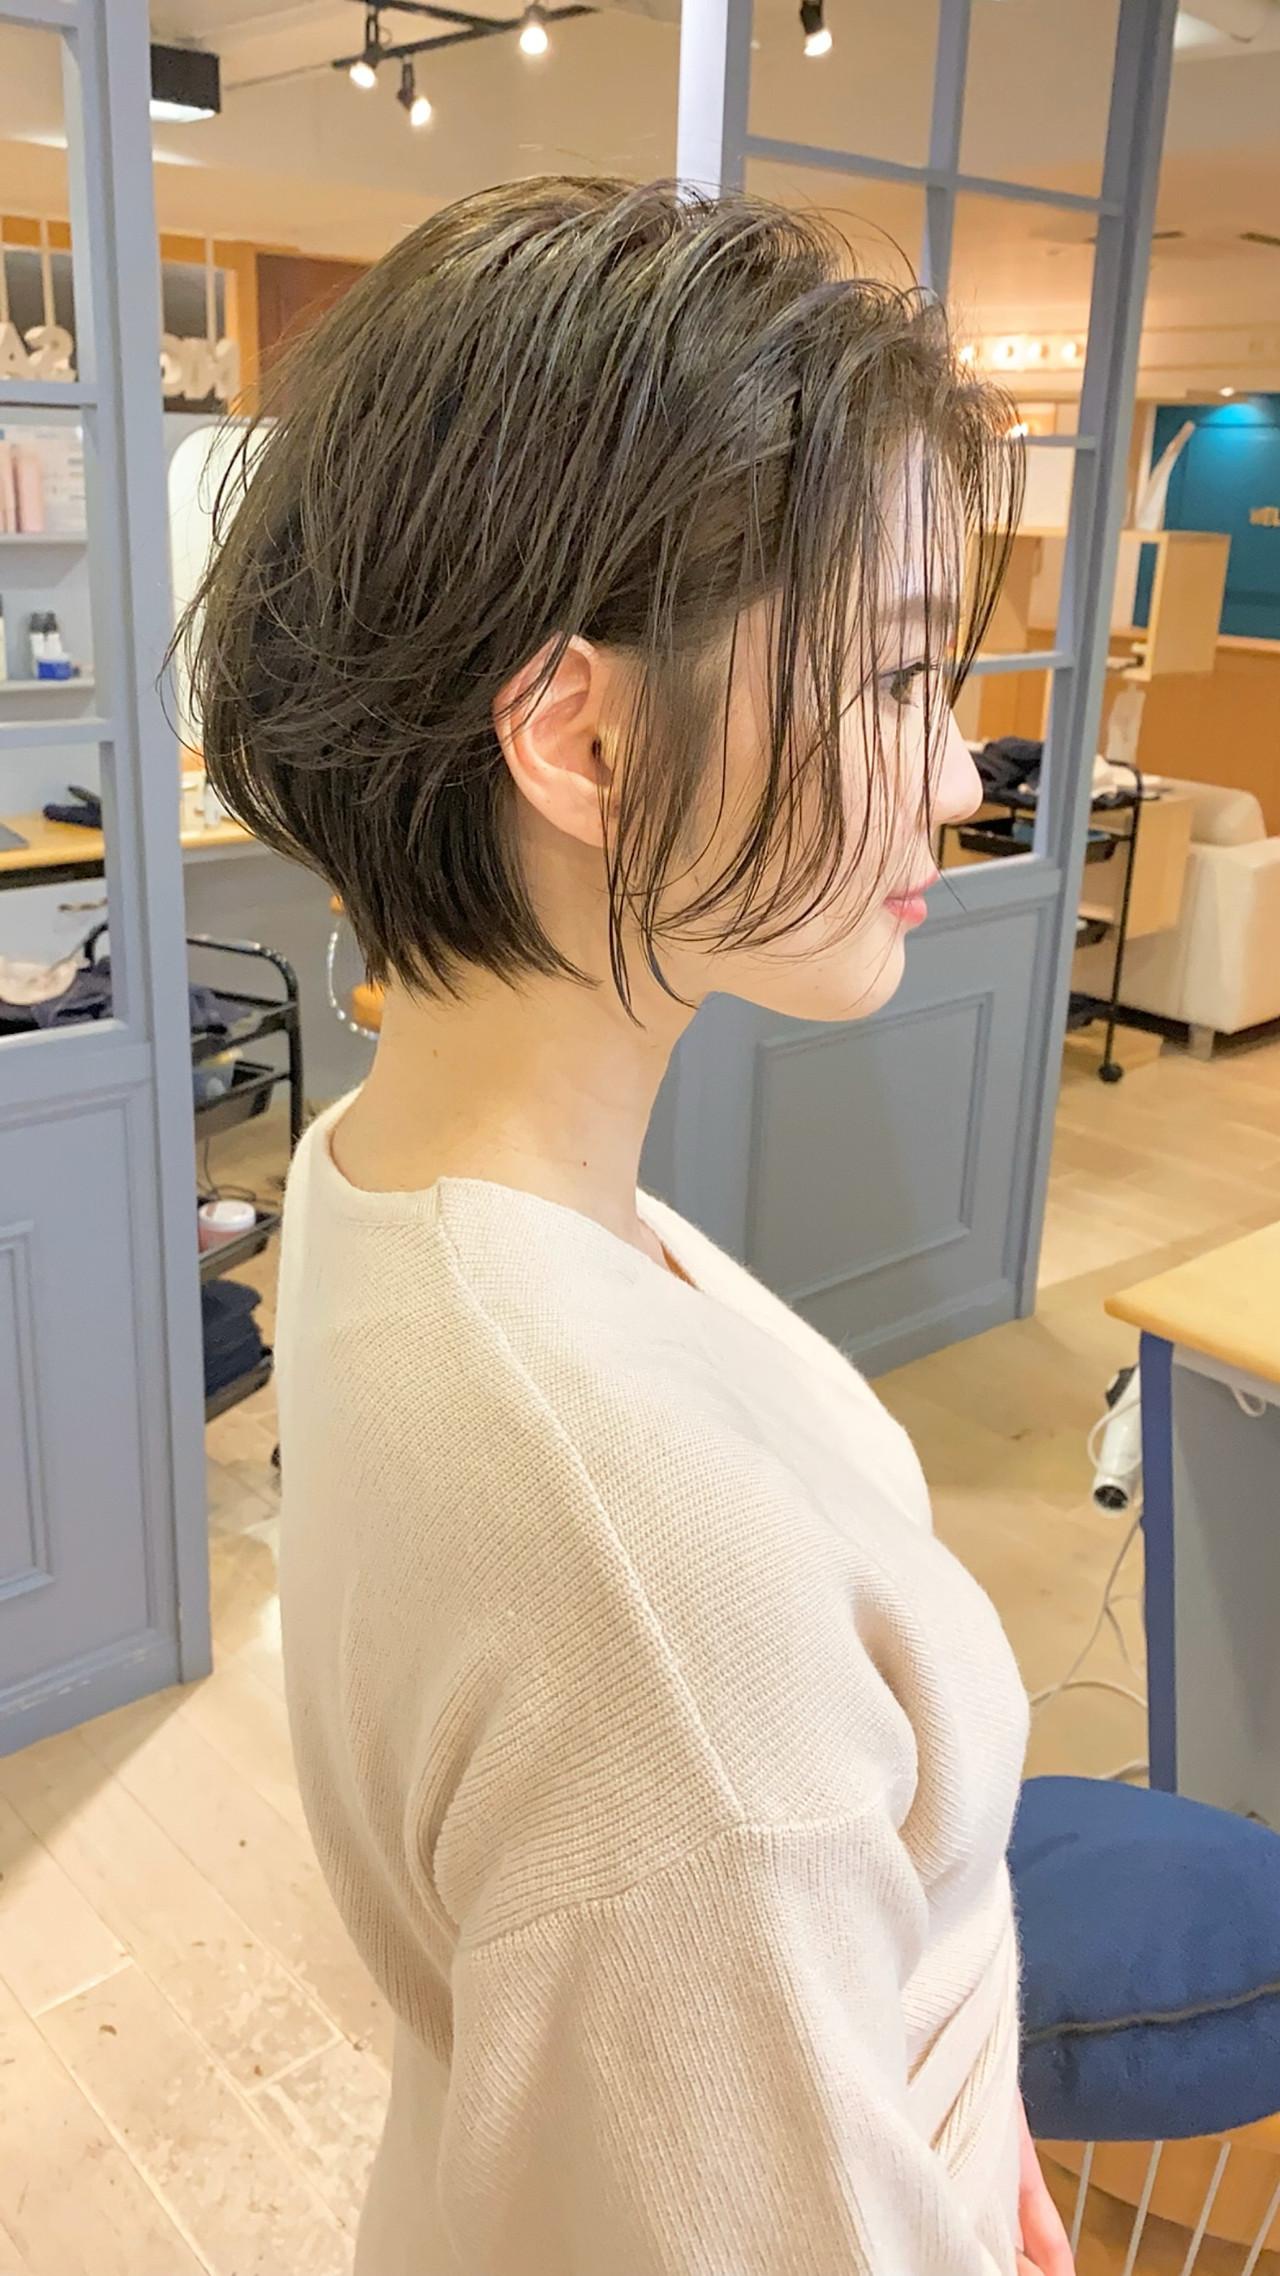 ナチュラル ショート ショートボブ ショートヘア ヘアスタイルや髪型の写真・画像 | 祖父江基志 / NOESALON